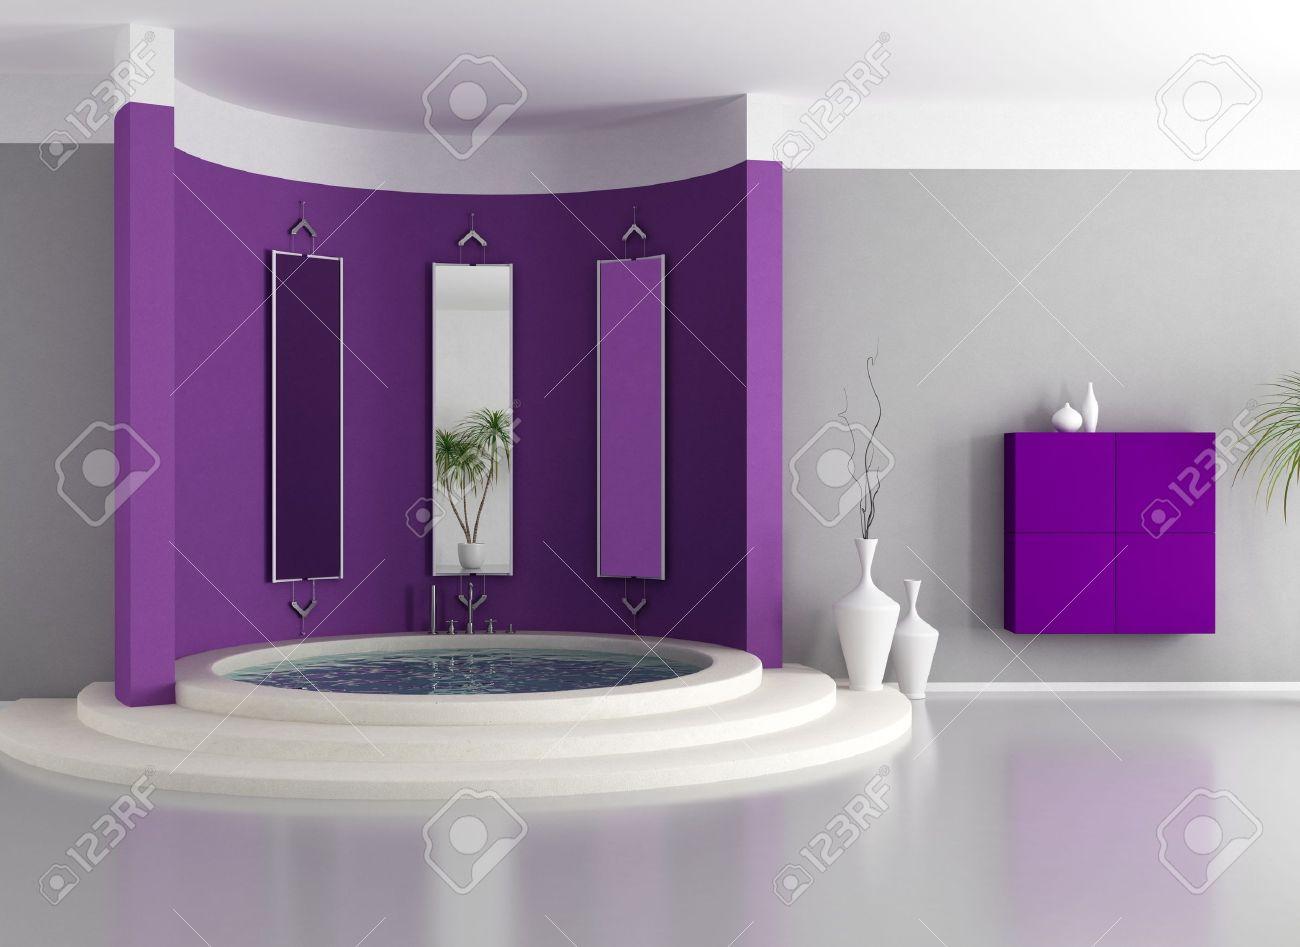 viola bagno moderno con vasca circolare di lusso - rendering foto ... - Bagni Moderni Di Lusso